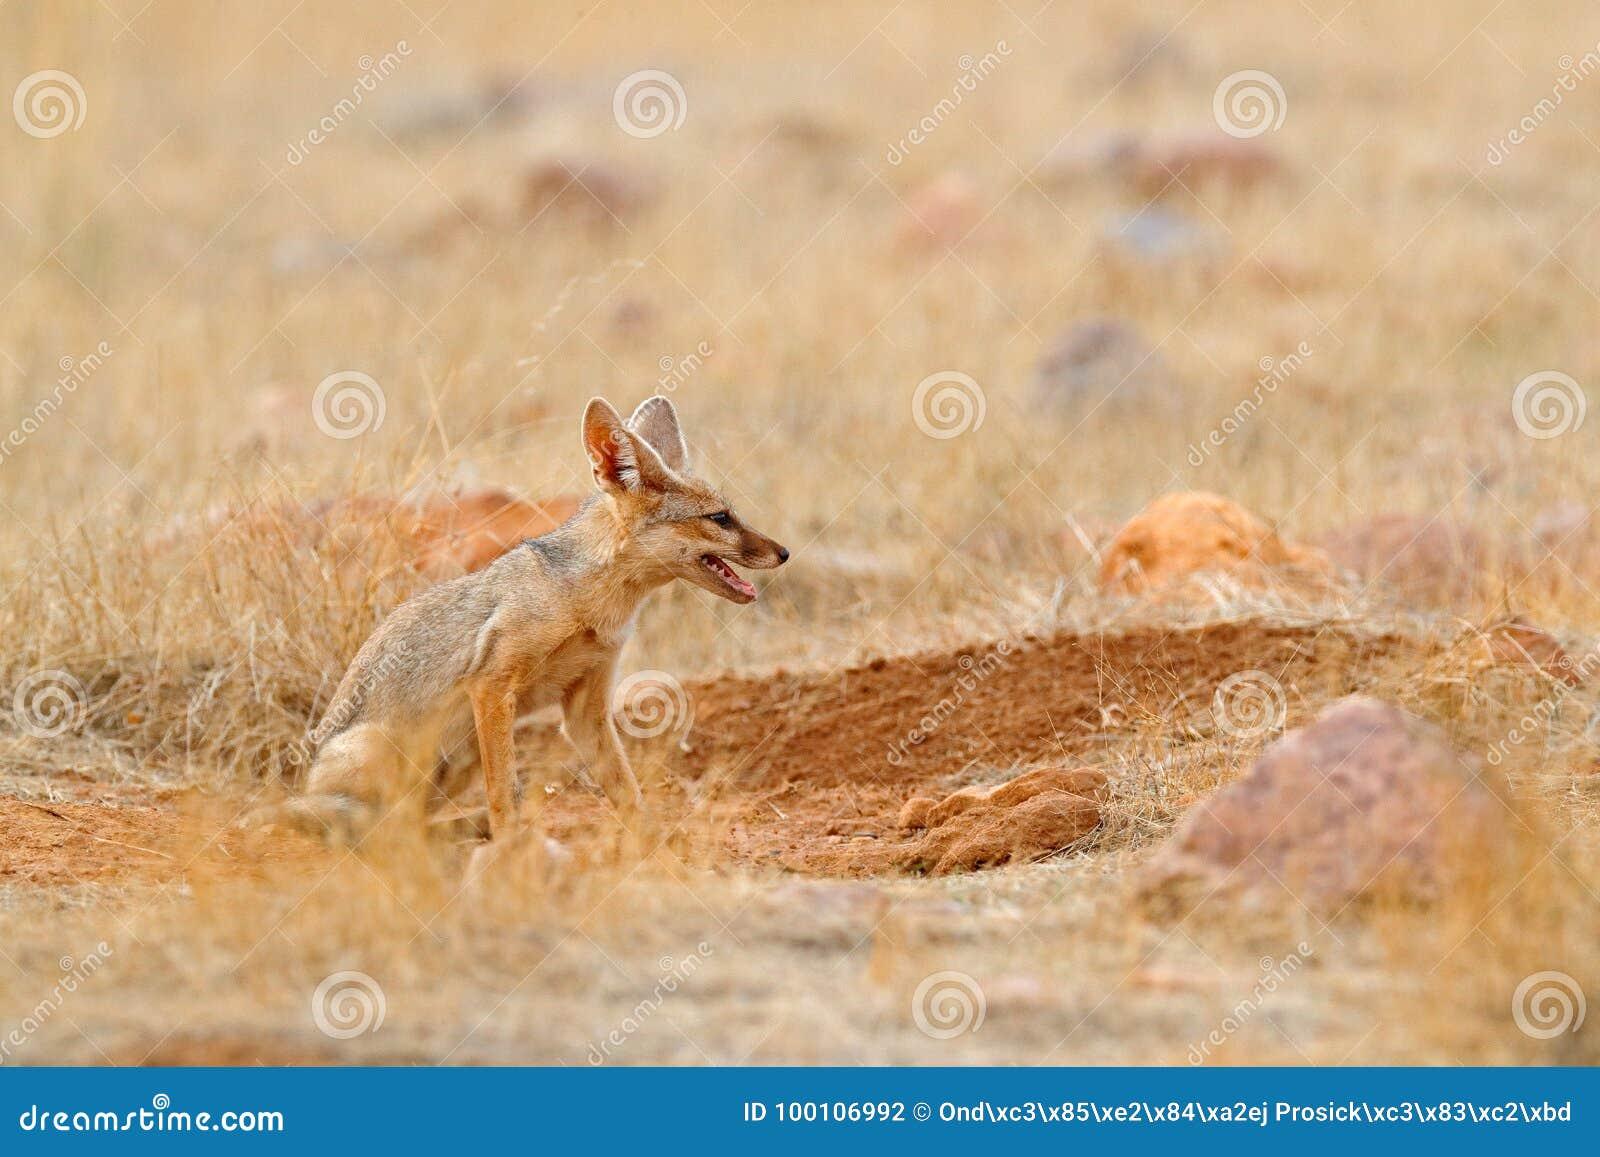 Indisk räv, Bengal räv, Vulpesbengalensis, Ranthambore nationalpark, Indien Löst djur i naturlivsmiljö Near redejordning för räv